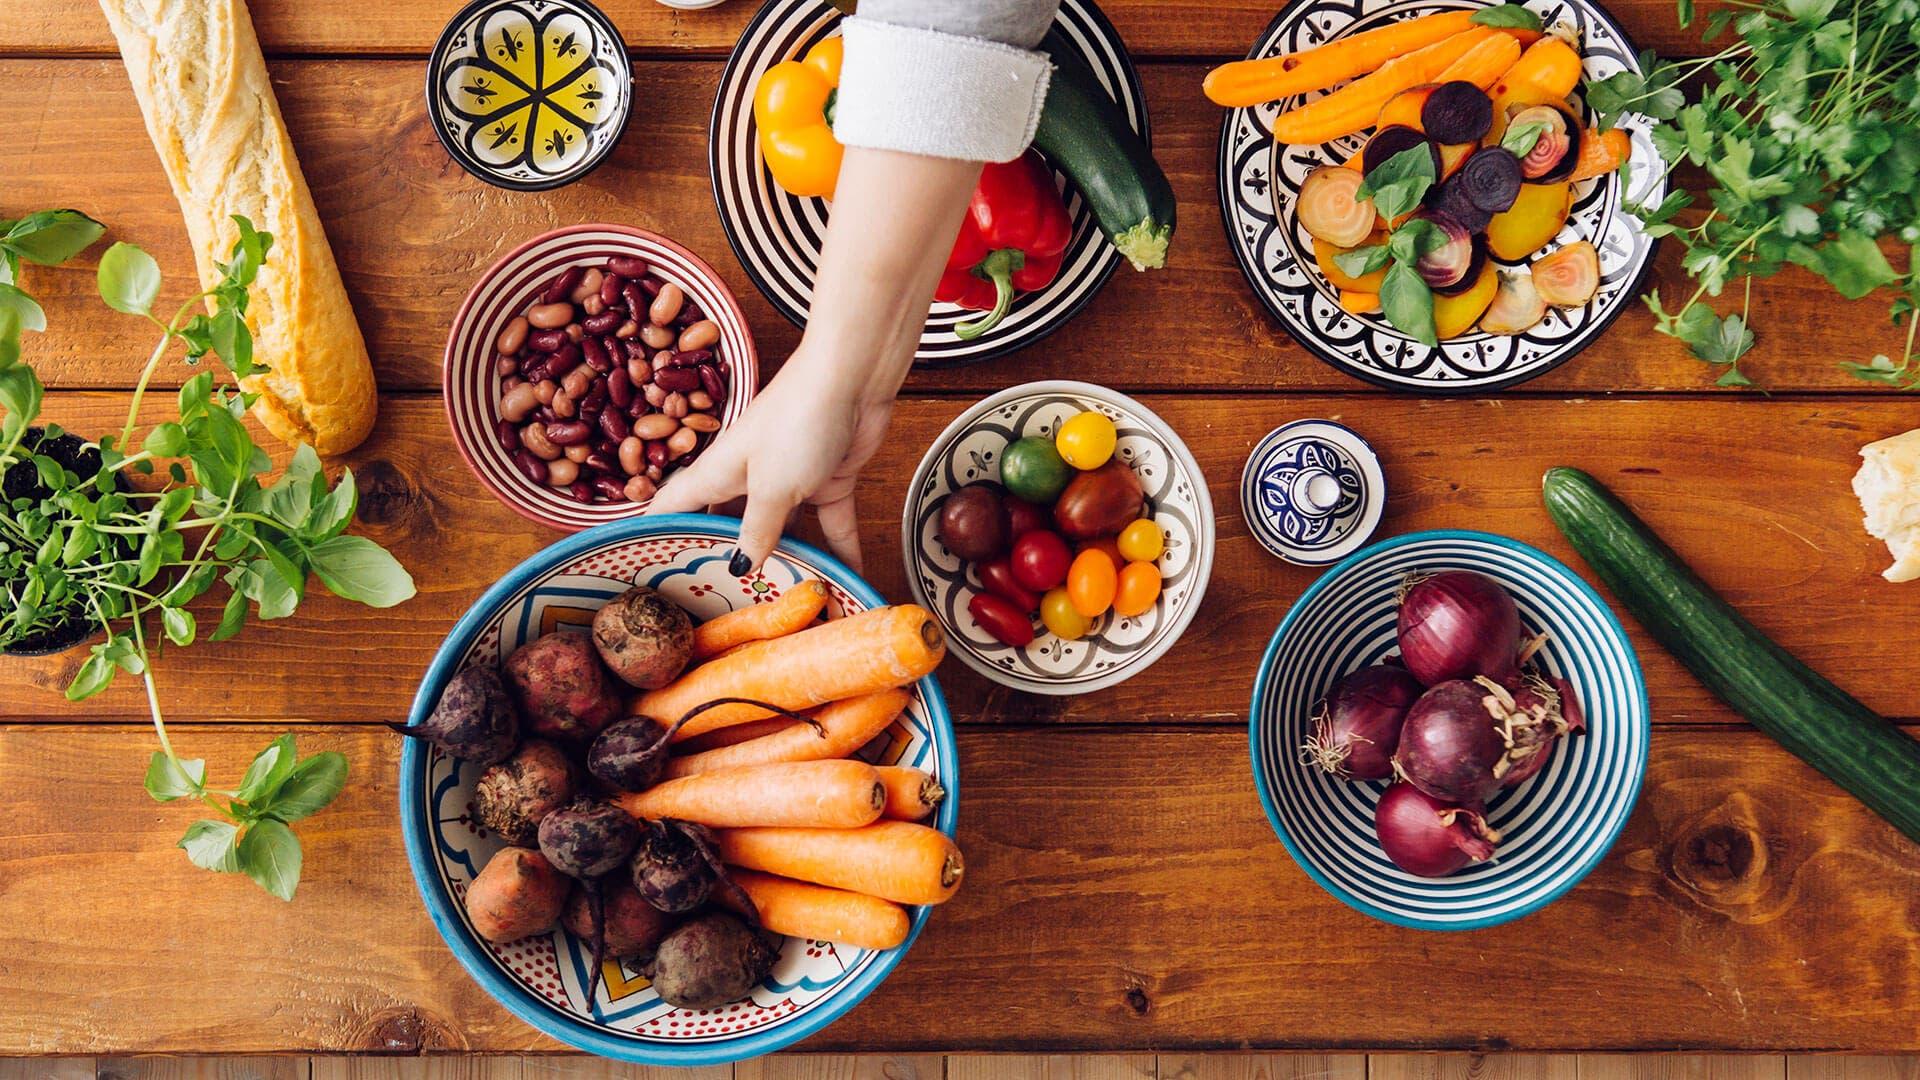 La dieta nórdica puede reducir la inflamación